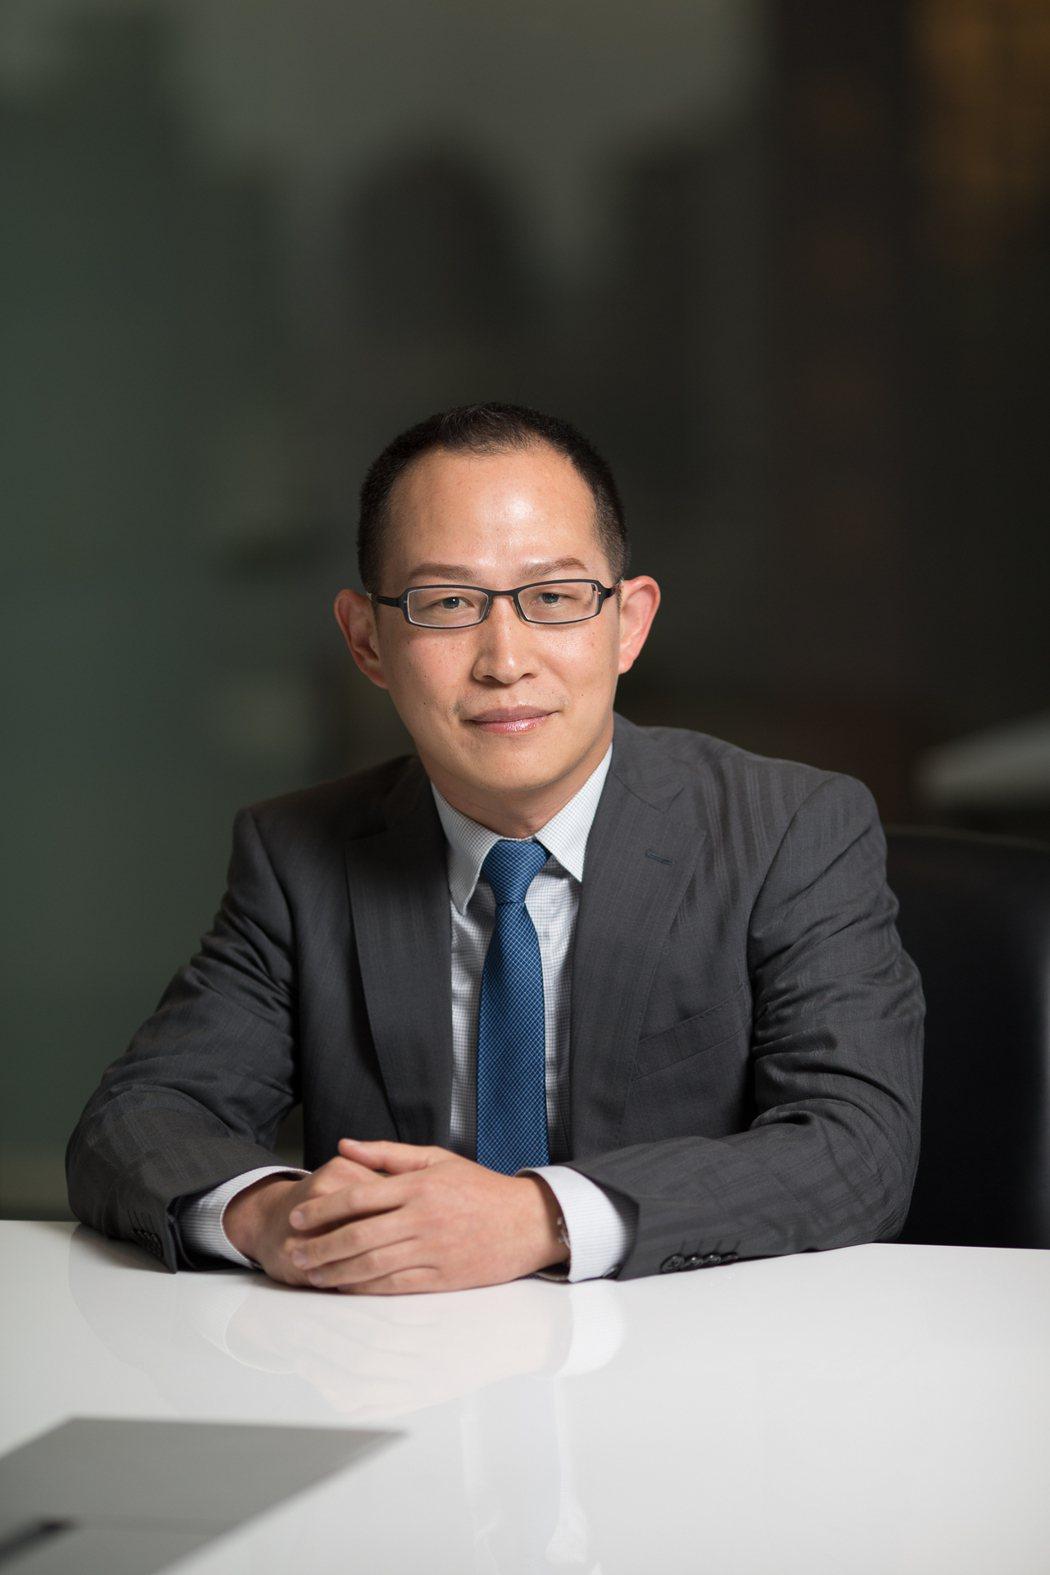 勤業眾信聯合會計師事務所財務顧問服務部執行副總經理黃俊榮。勤業眾信/提供